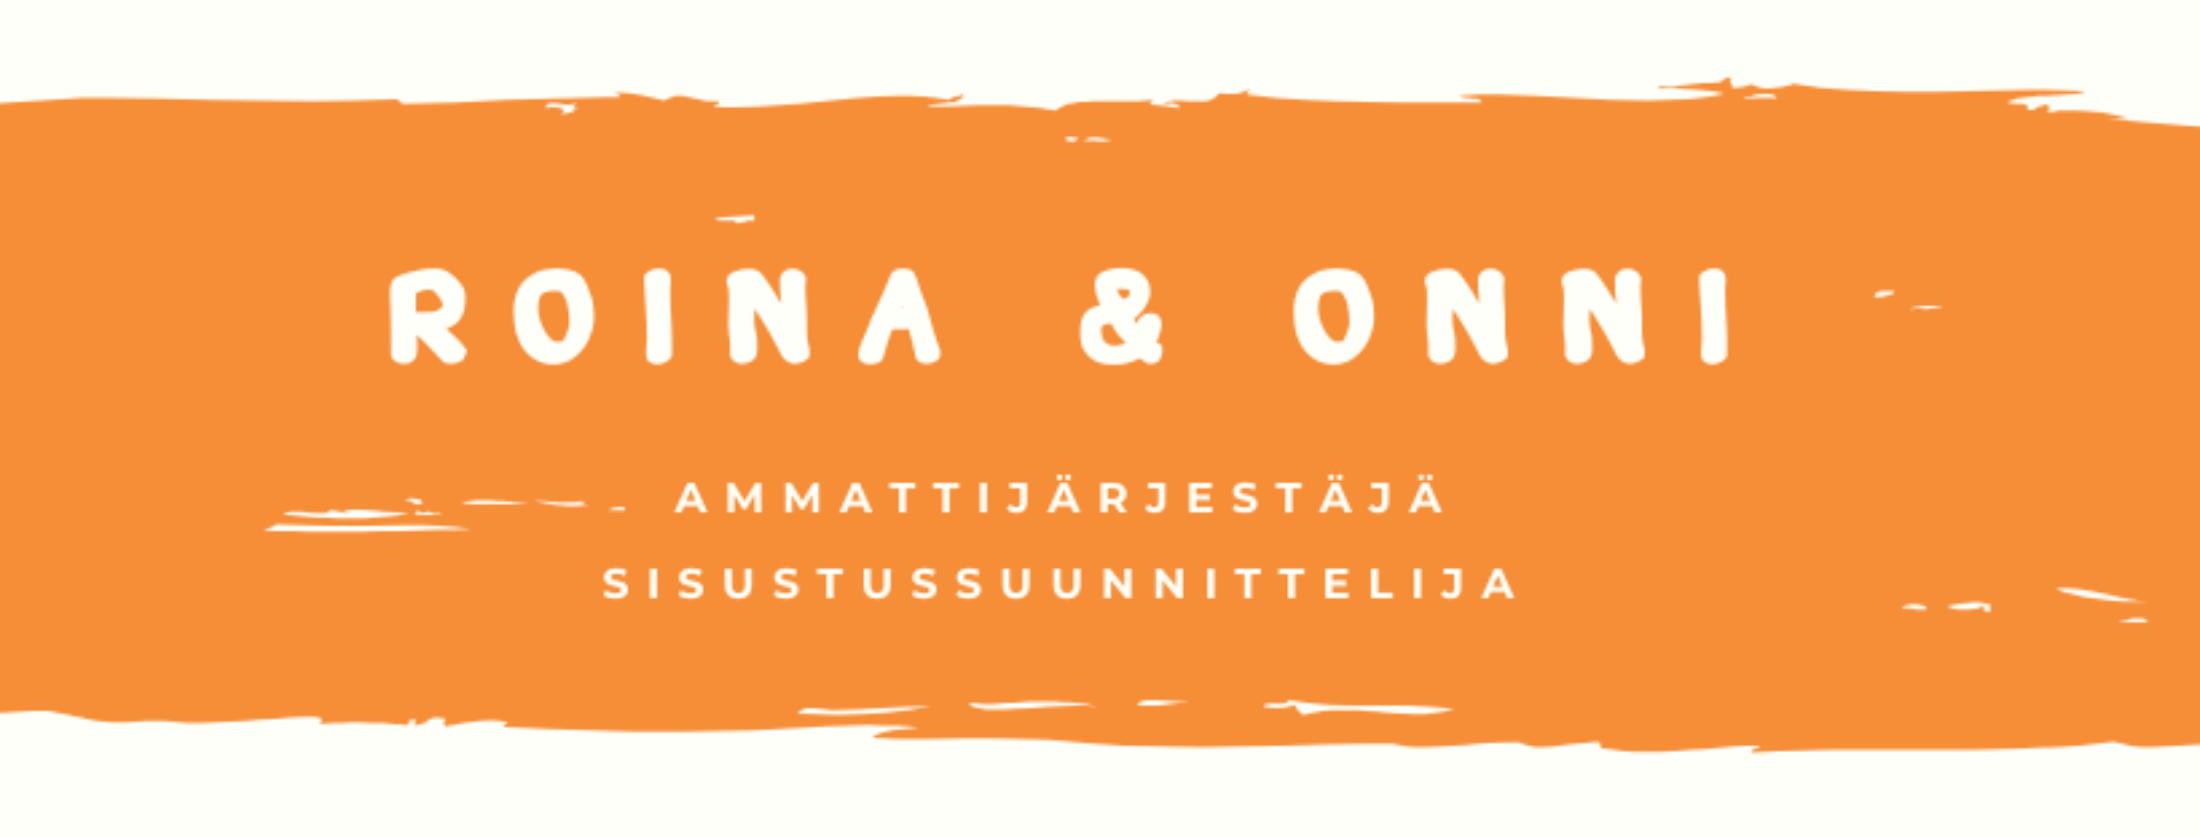 ROINA & ONNI